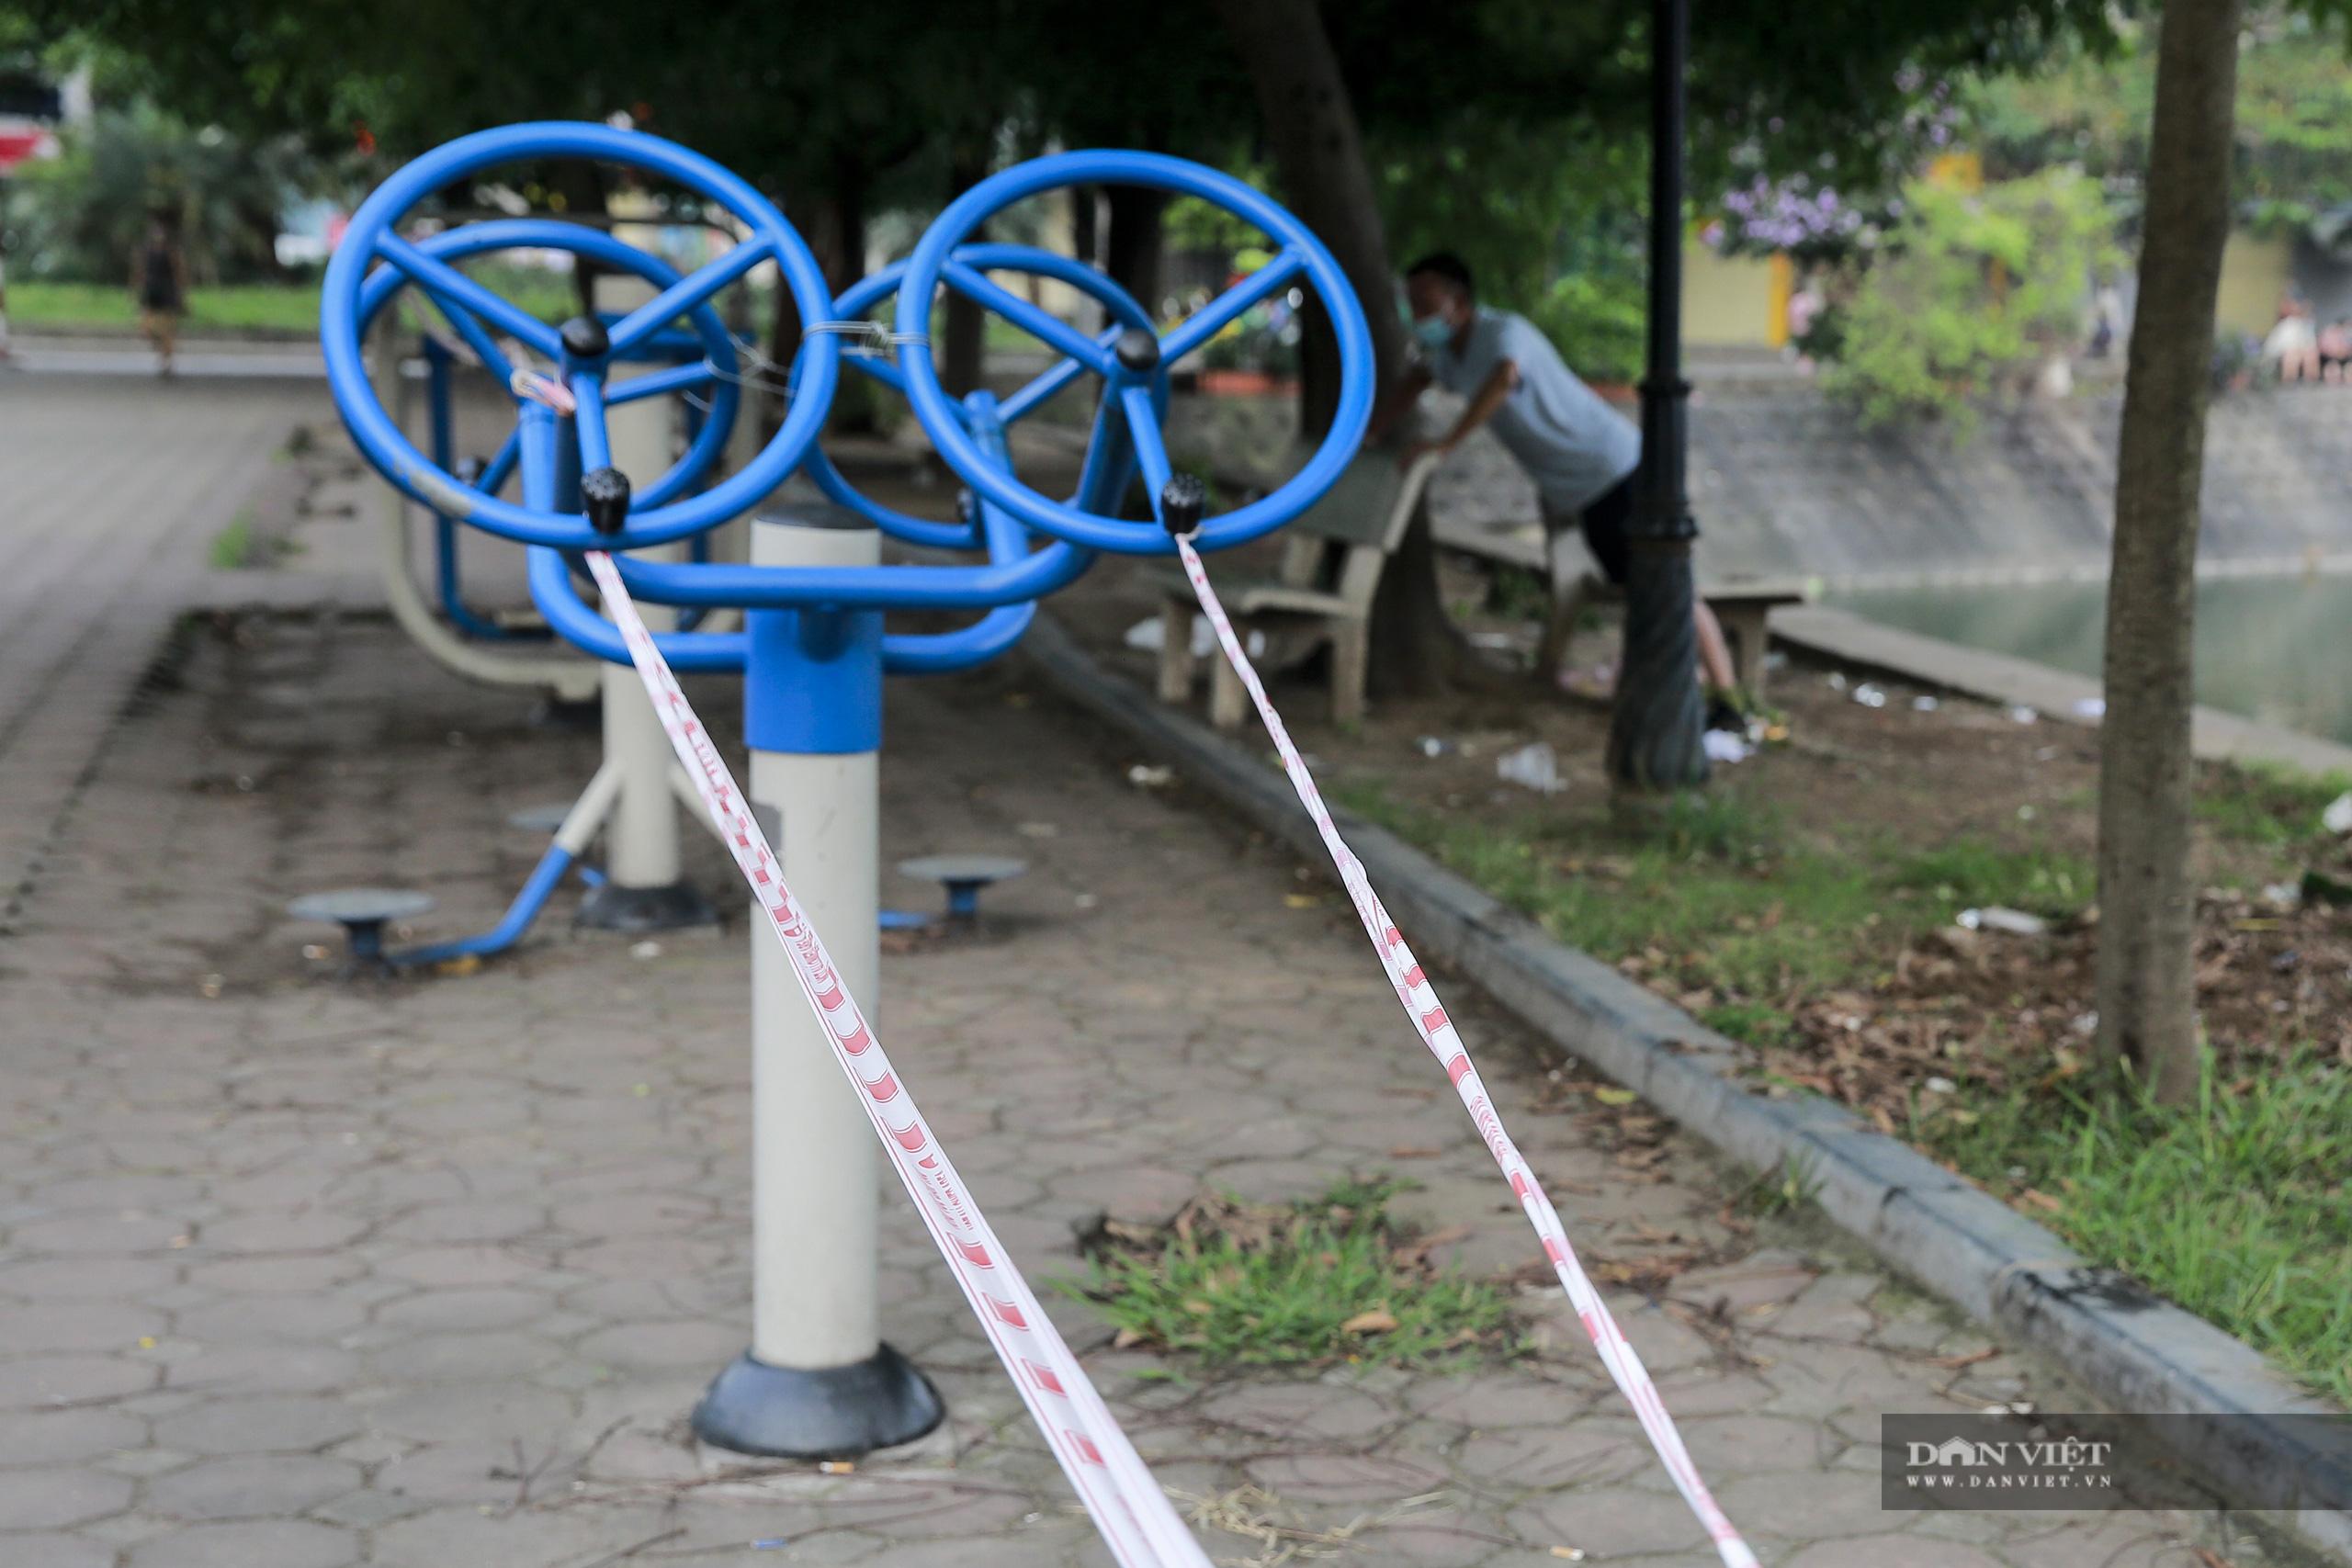 """Hà Nội: căng dây máy tập thể dục, người dân vẫn """"làm ngơ"""" - Ảnh 5."""